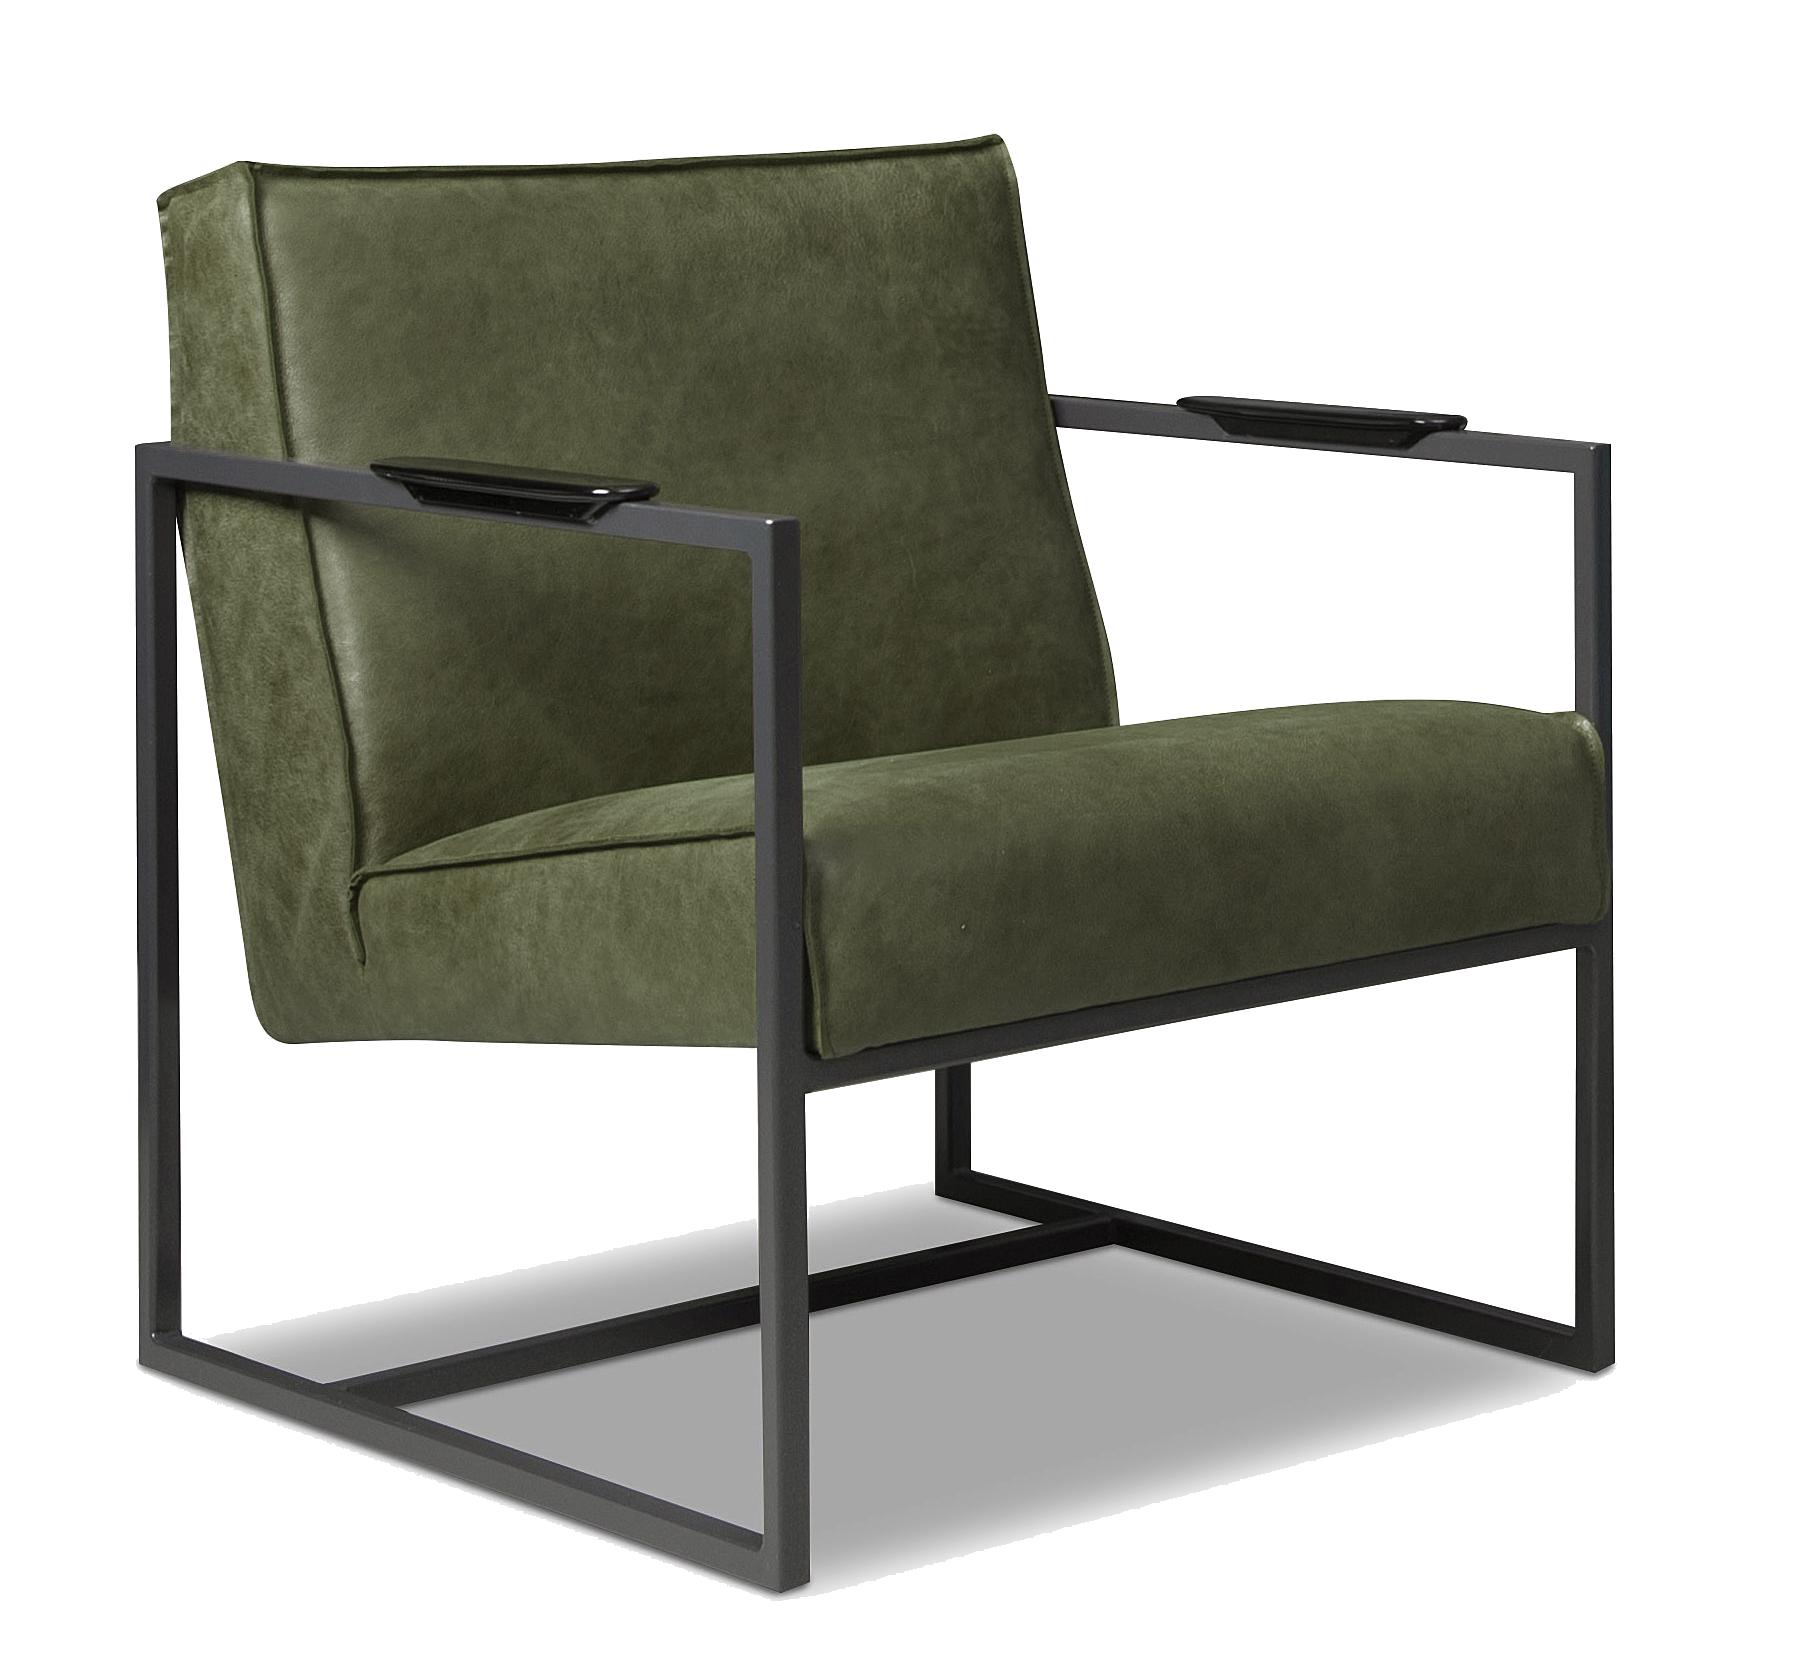 Meubelindustrie Het Anker Druten Bibi Olive fauteuils